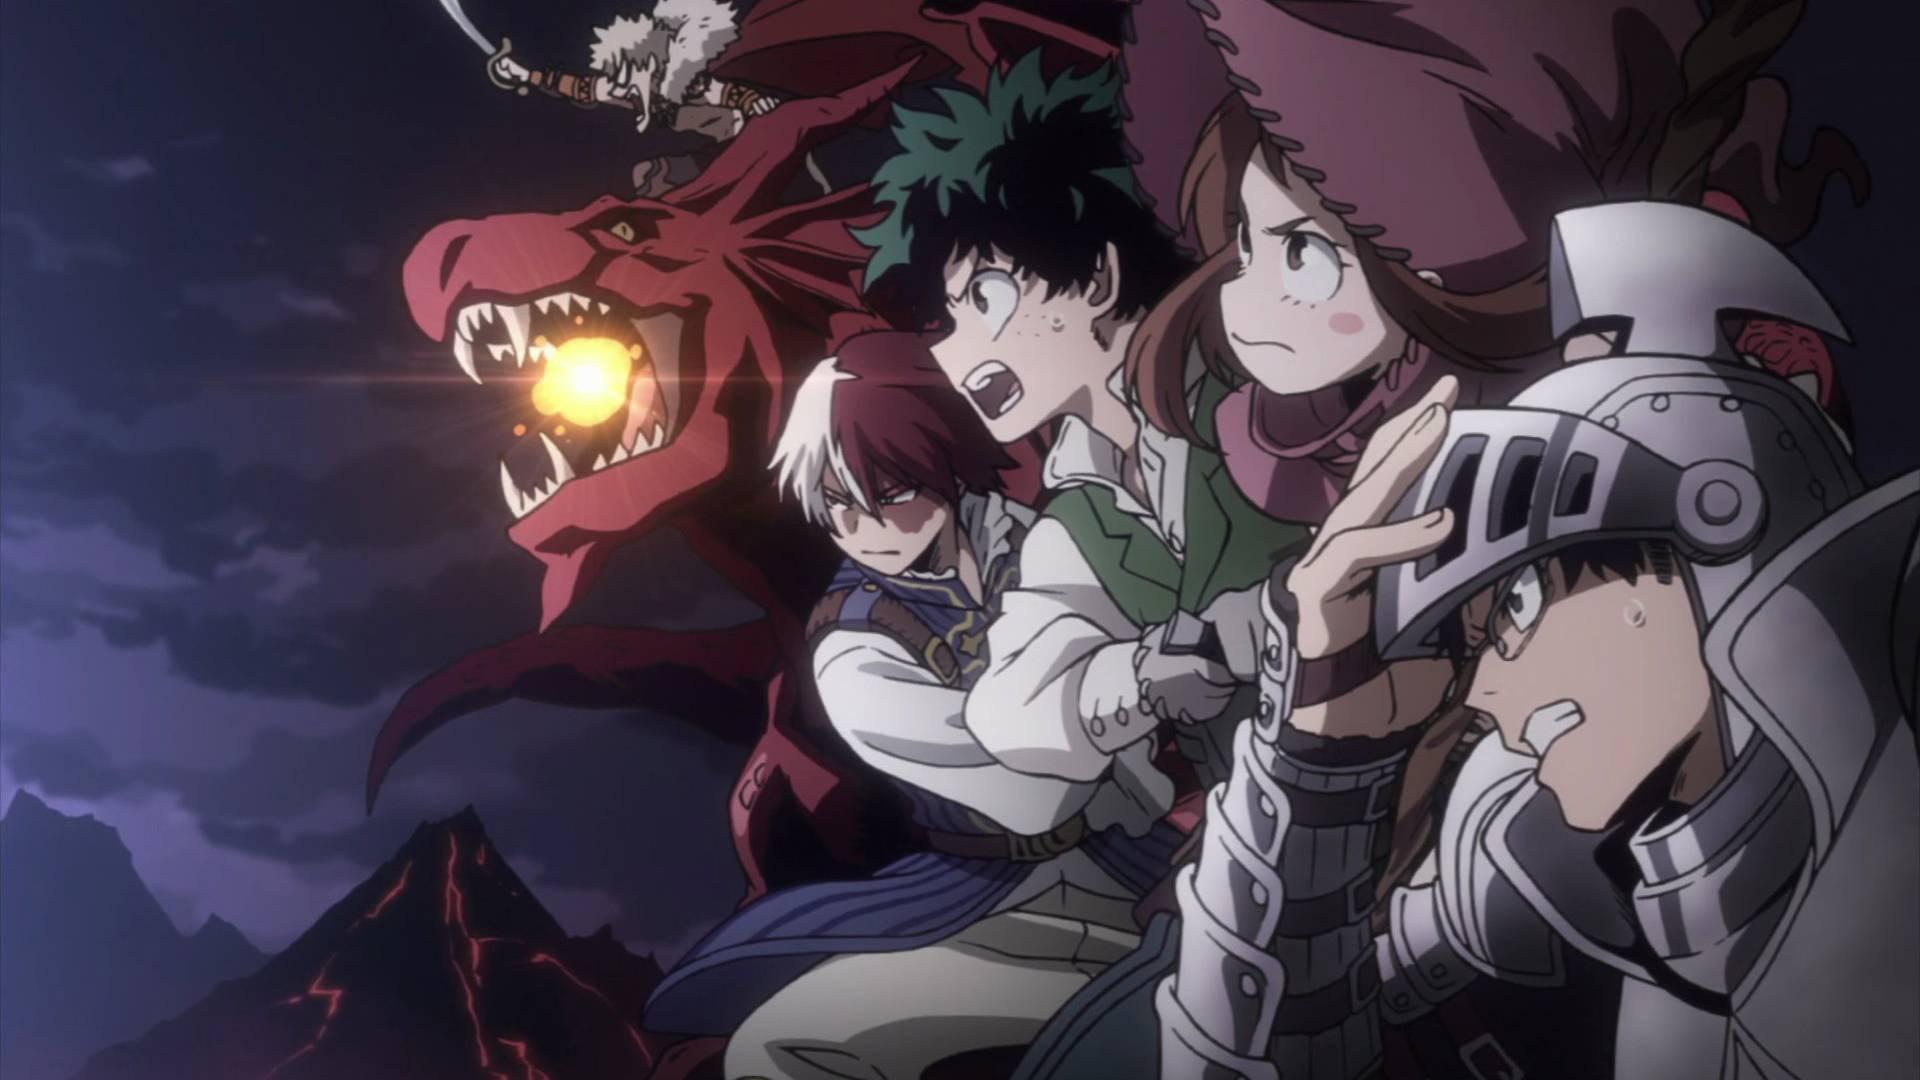 Fans Really Want a My Hero Academia Fantasy-Style OVA